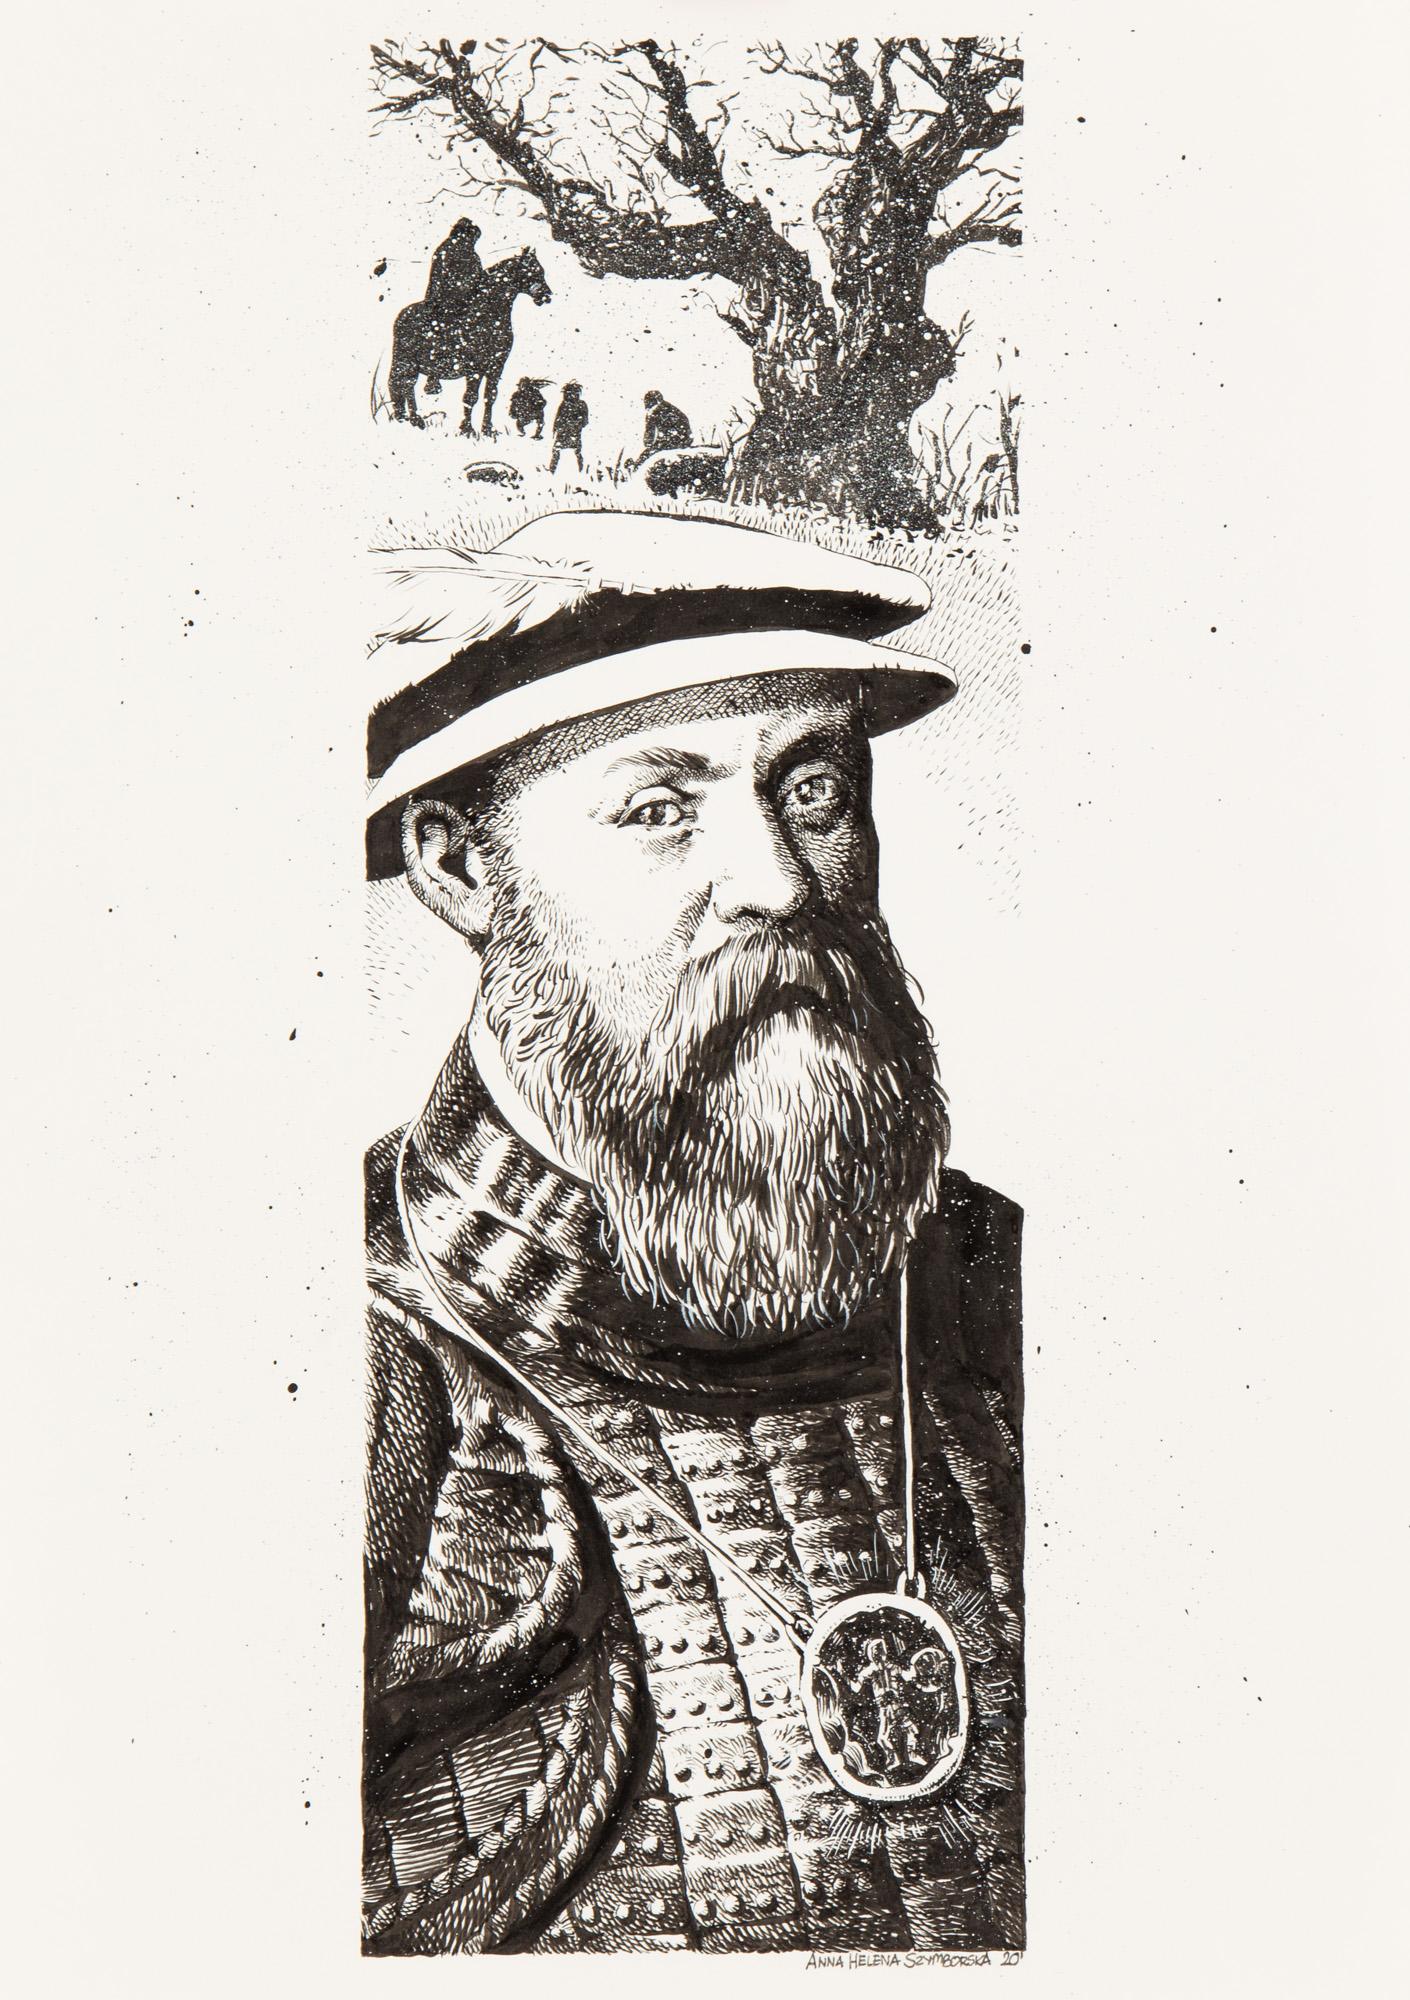 """Ilustracja do opowiadania Johna Crowleya """"Krzemień i zwierciadło"""", 2020"""